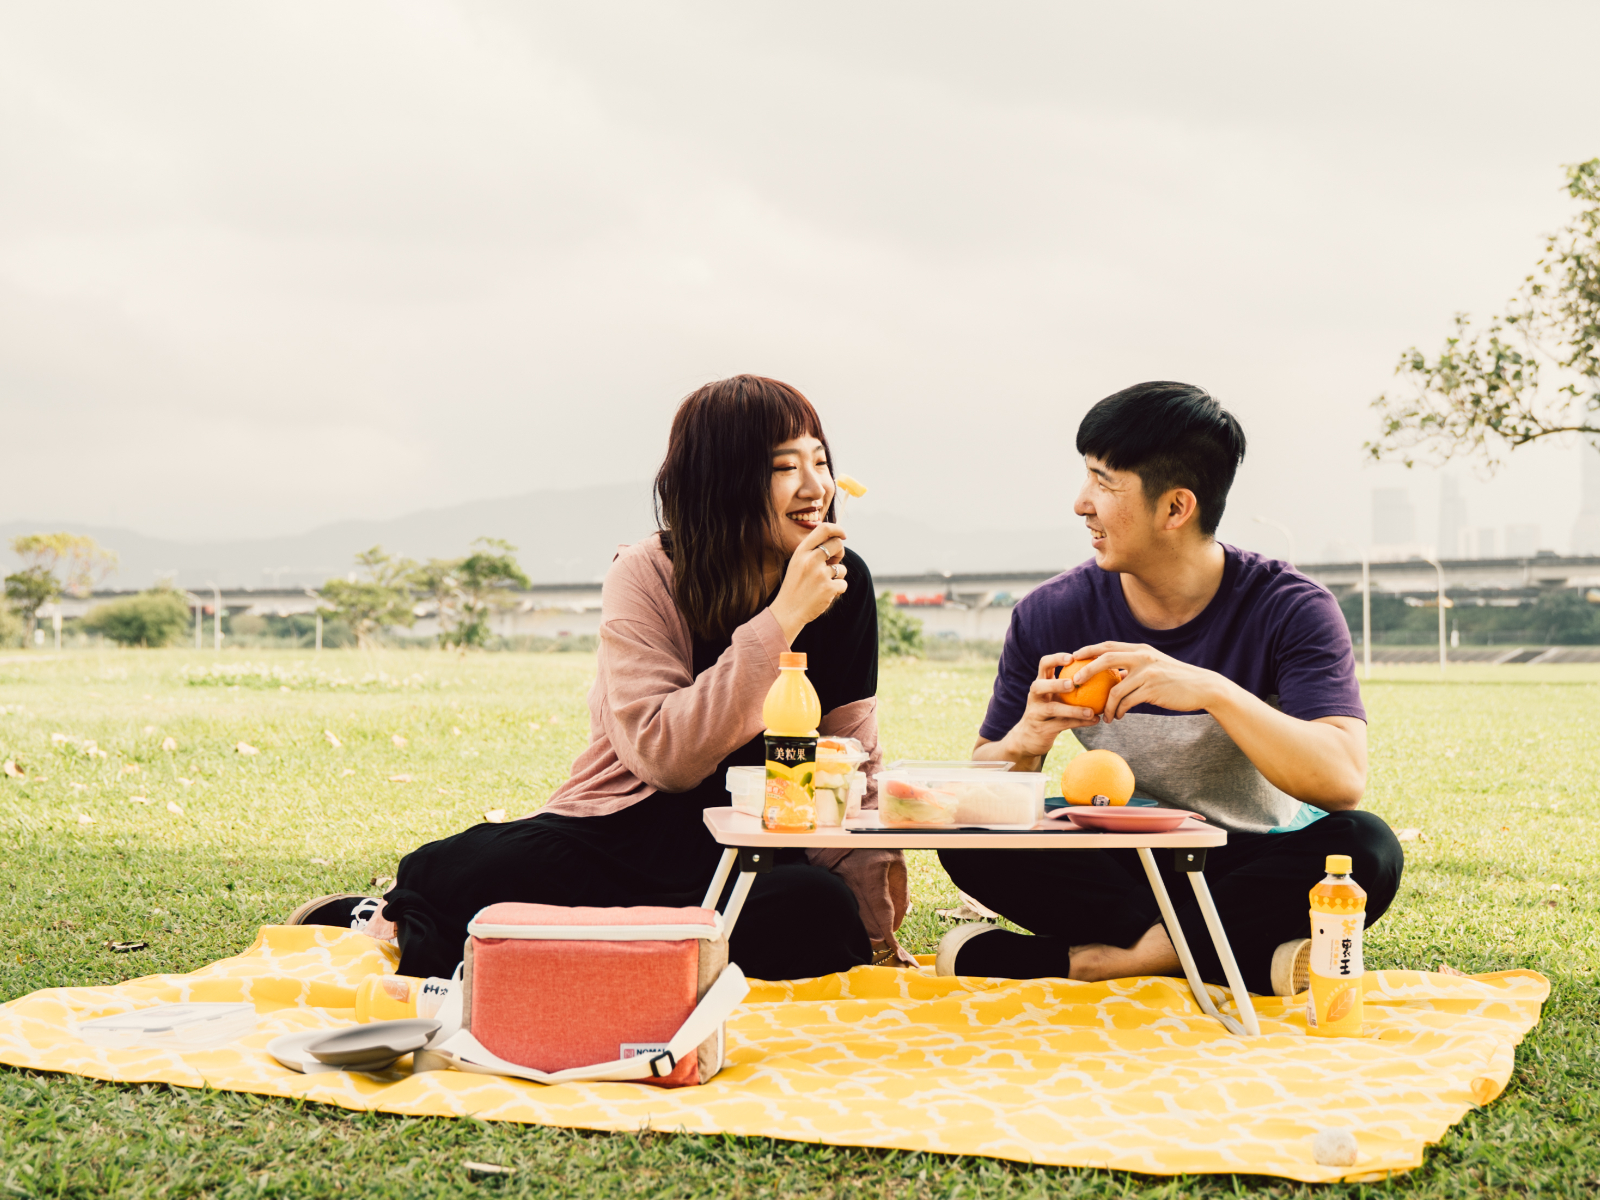 【台北野餐地點總整理】人氣推薦野餐墊、野餐桌、餐具怎麼挑,一次報你知!